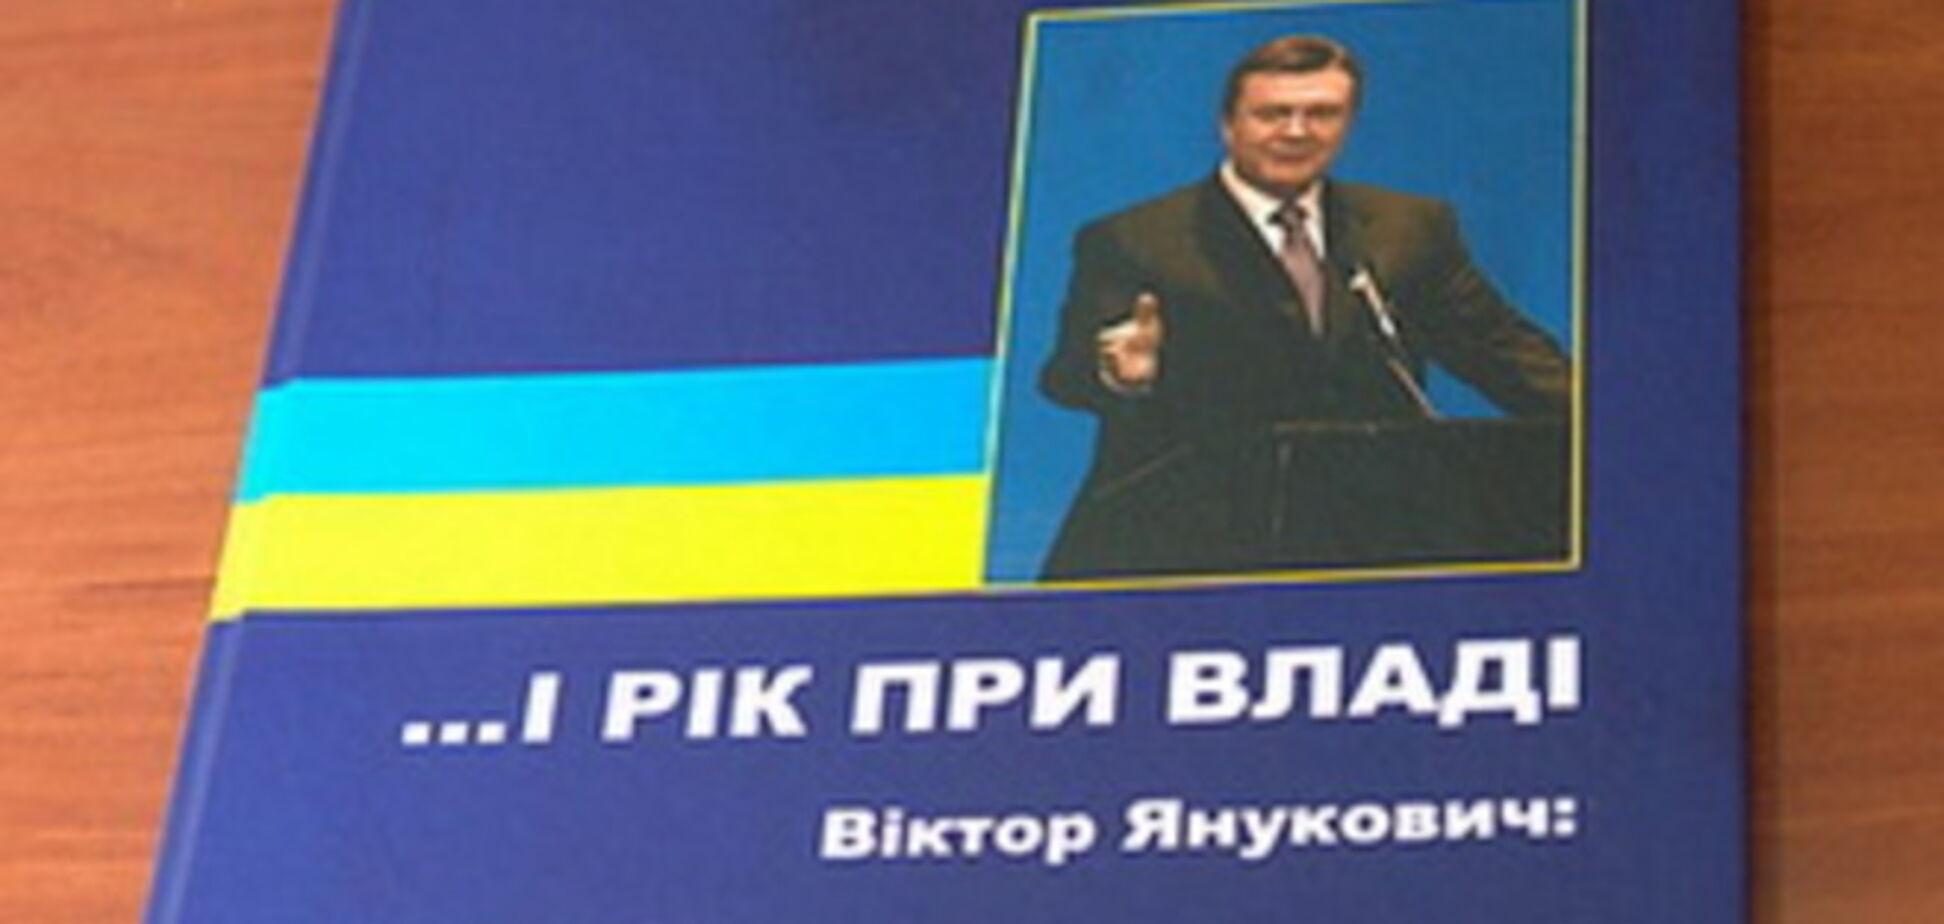 Генпрокуратура заинтересовалась гонорарами писателя Януковича